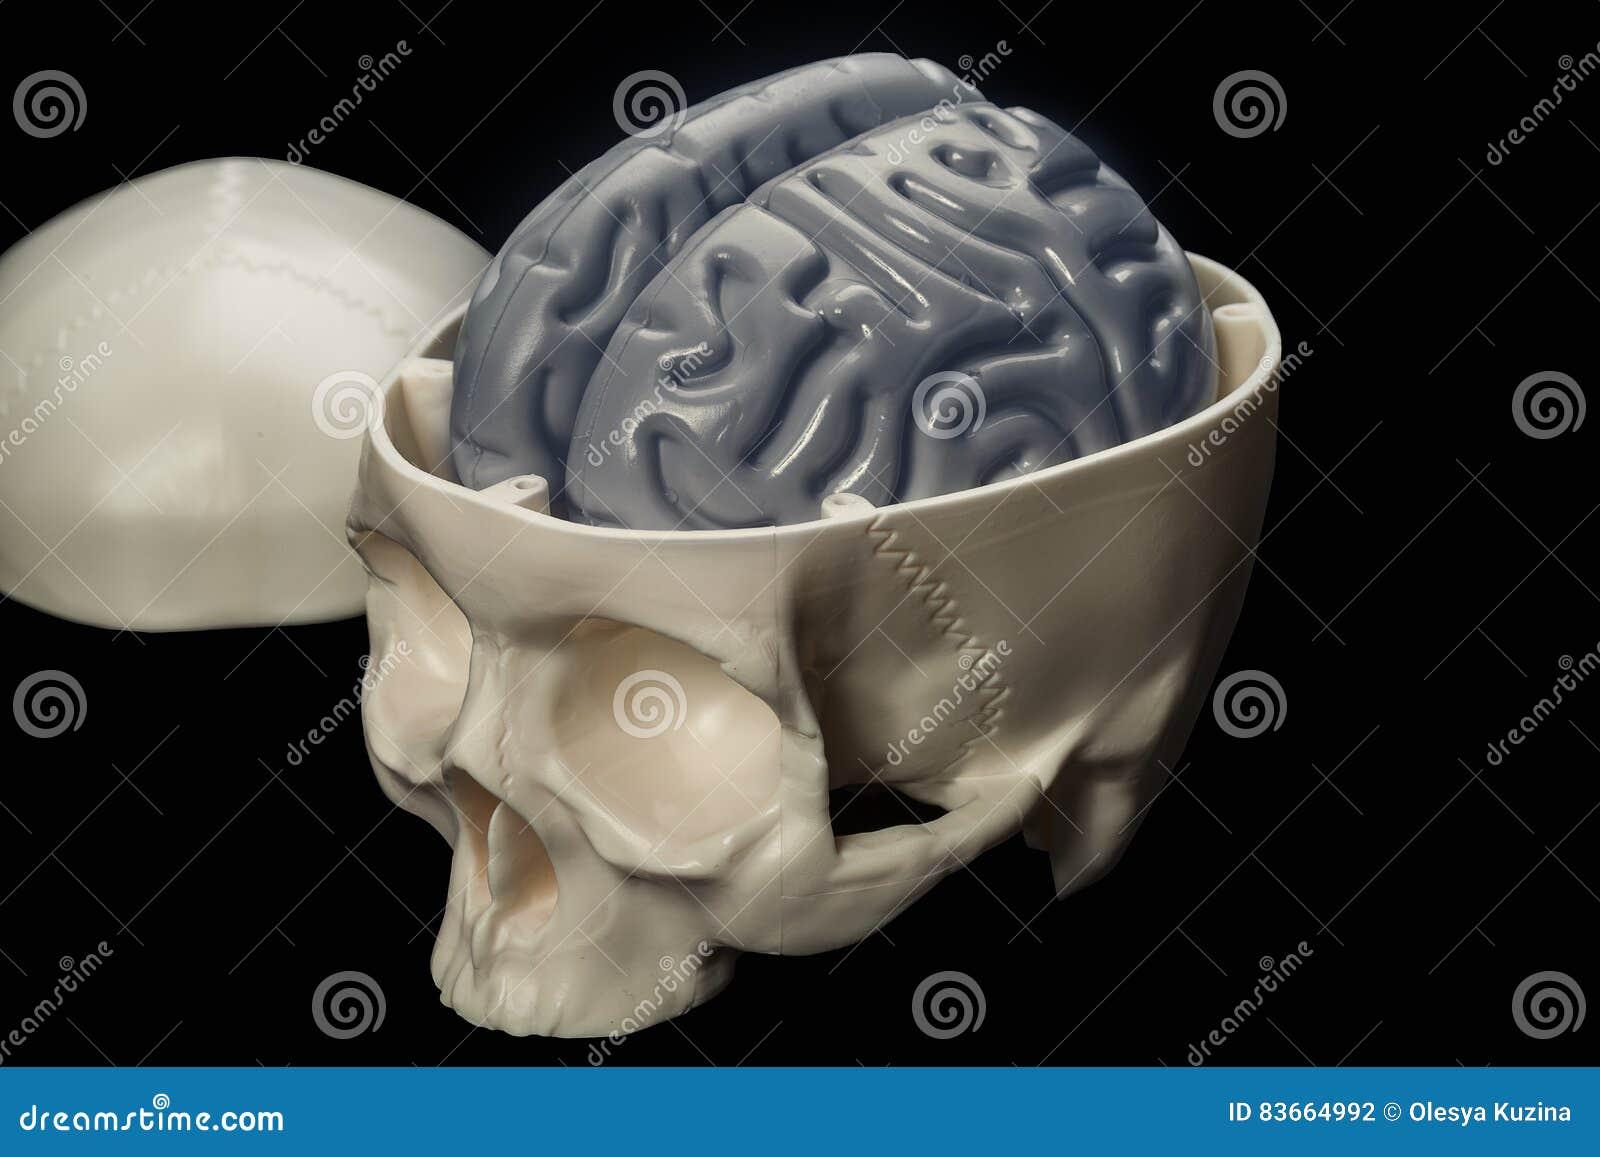 El Cerebro Humano En El Cráneo - Una Disposición Para Los ...